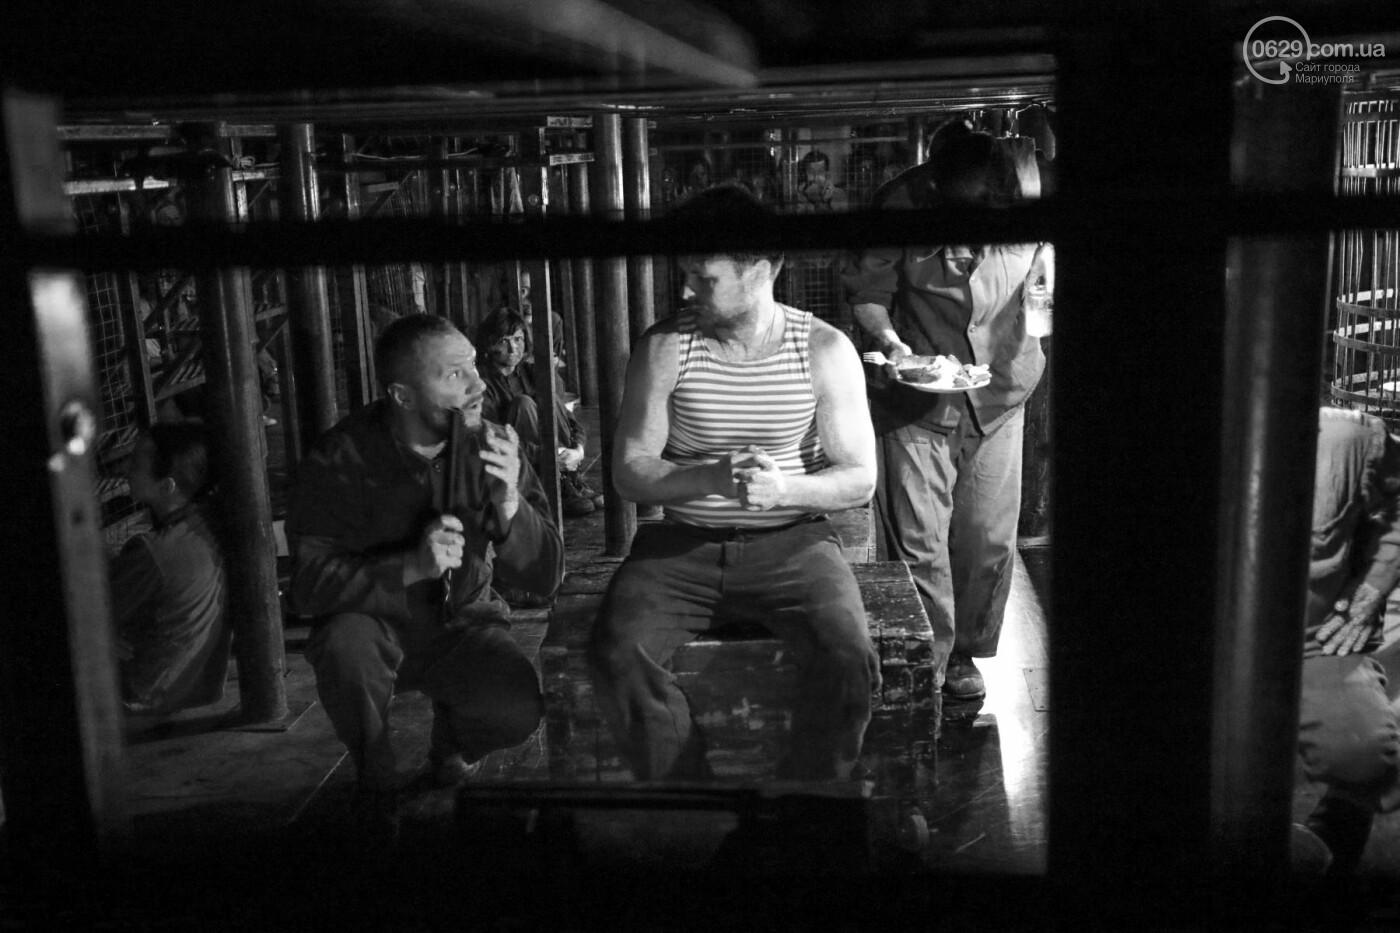 """В Мариуполе зрителей  спектакля  """"Собачья будка"""" посадили в клетку (ФОТО, ВИДЕО), фото-8"""